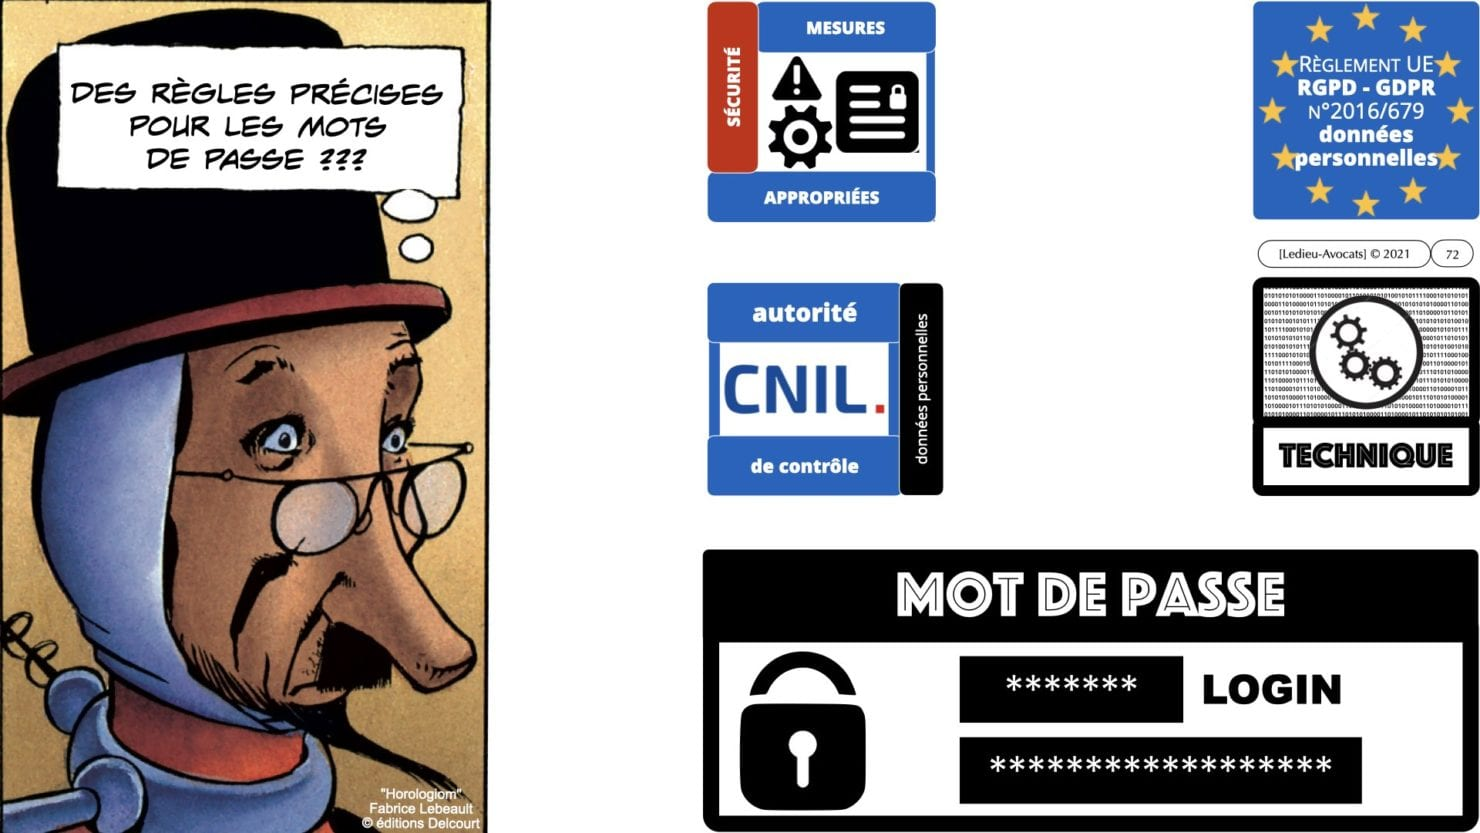 342 cyber sécurité #2 OIV OSE analyse risque EBIOS RM © Ledieu-avocat 15-07-2021.072